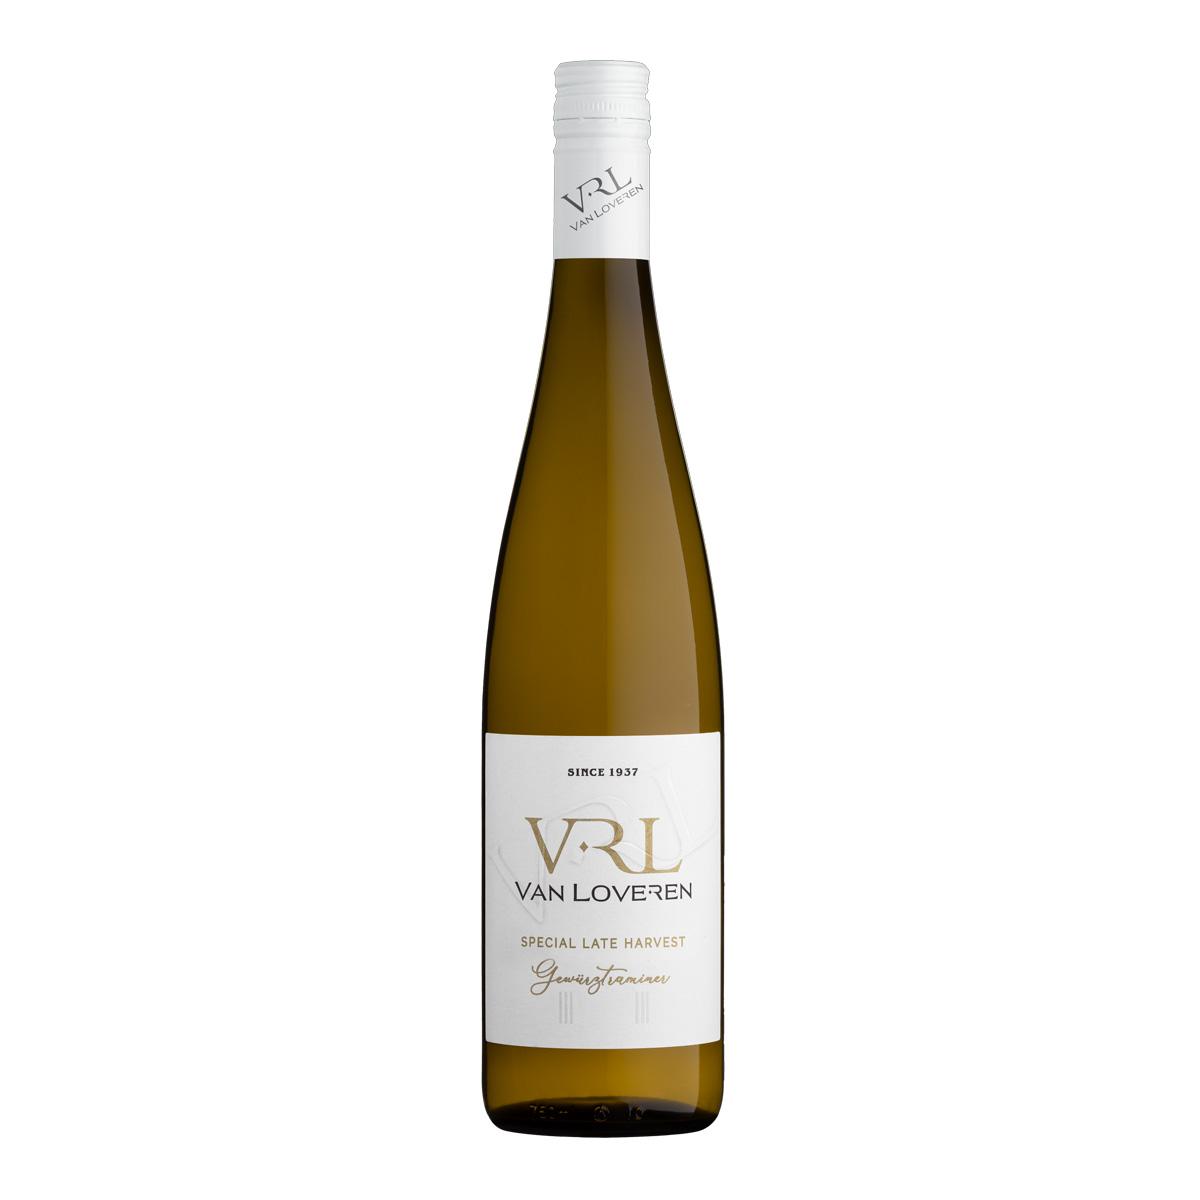 南非罗伯逊山谷梵劳伦酒庄晚收琼瑶浆白葡萄酒